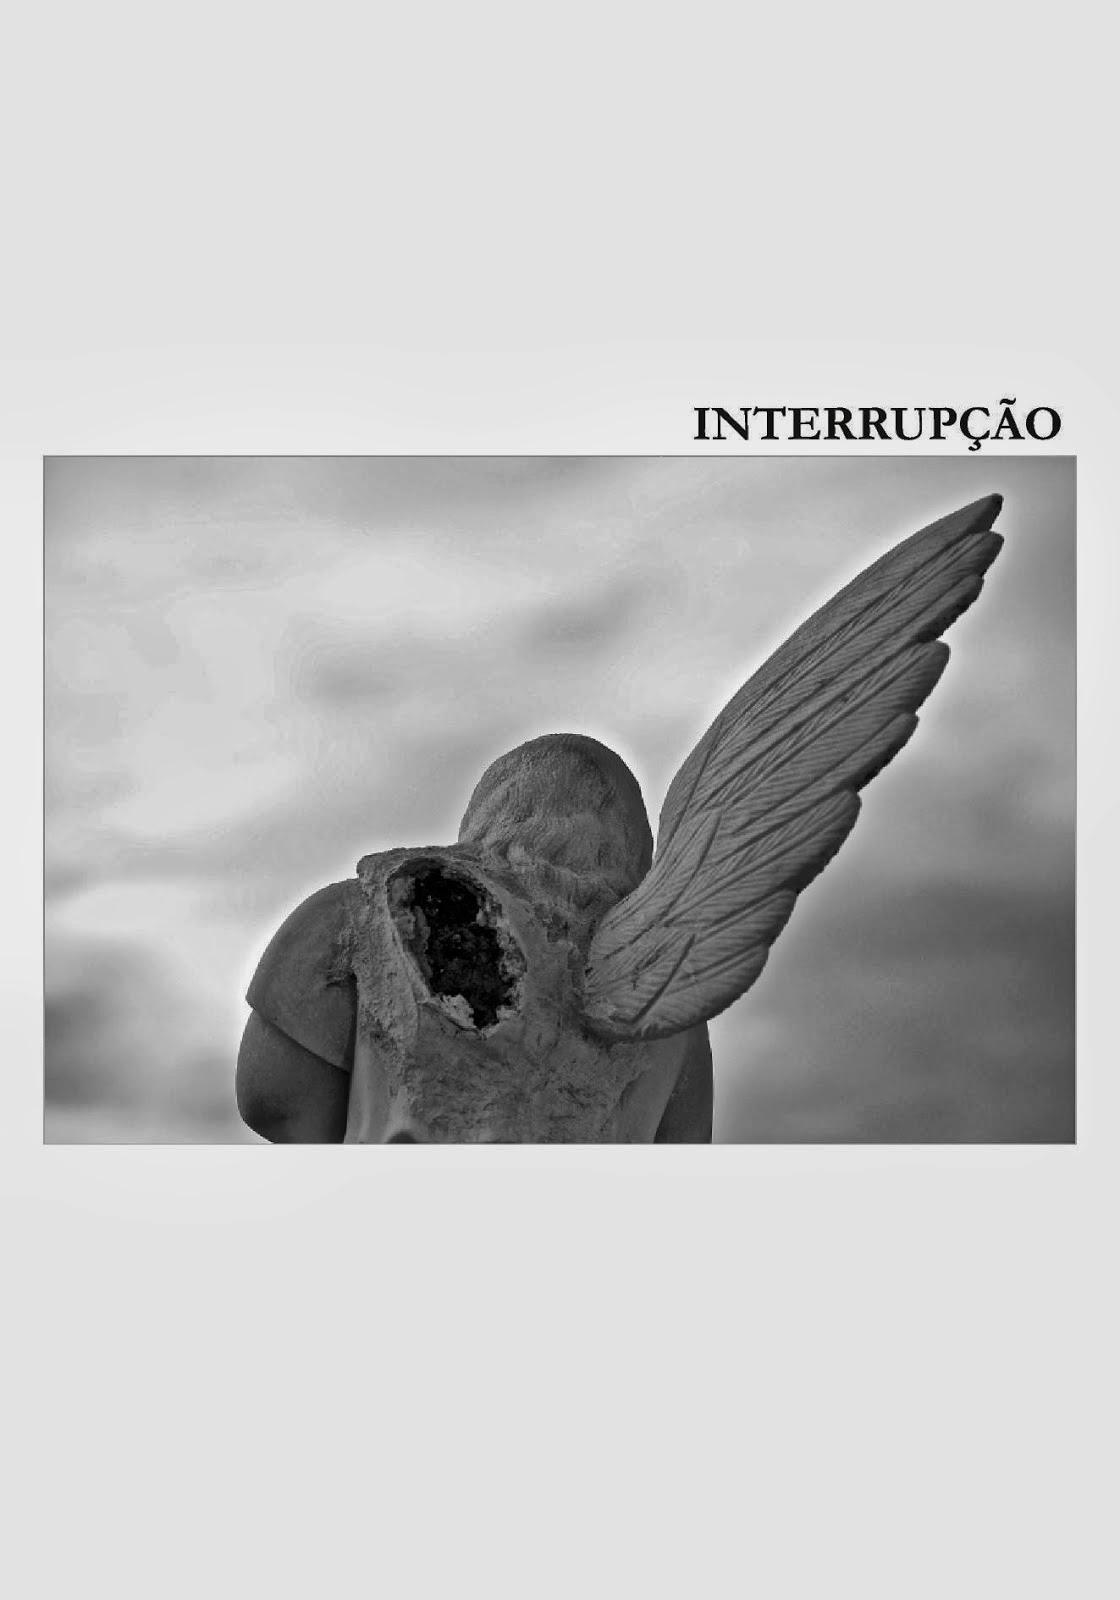 Miguel de Carvalho, Interrupção, manuel a domingos, anjo, angel